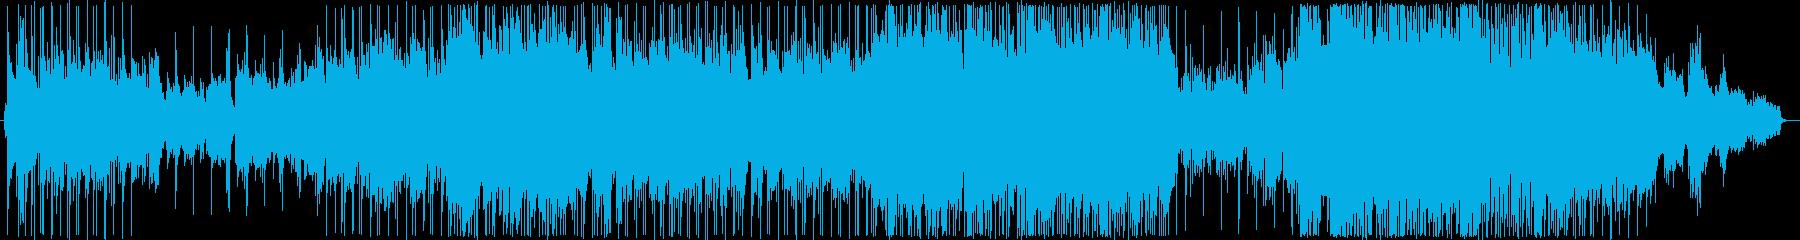 フォーク風の懐かしい雰囲気のバラード2の再生済みの波形